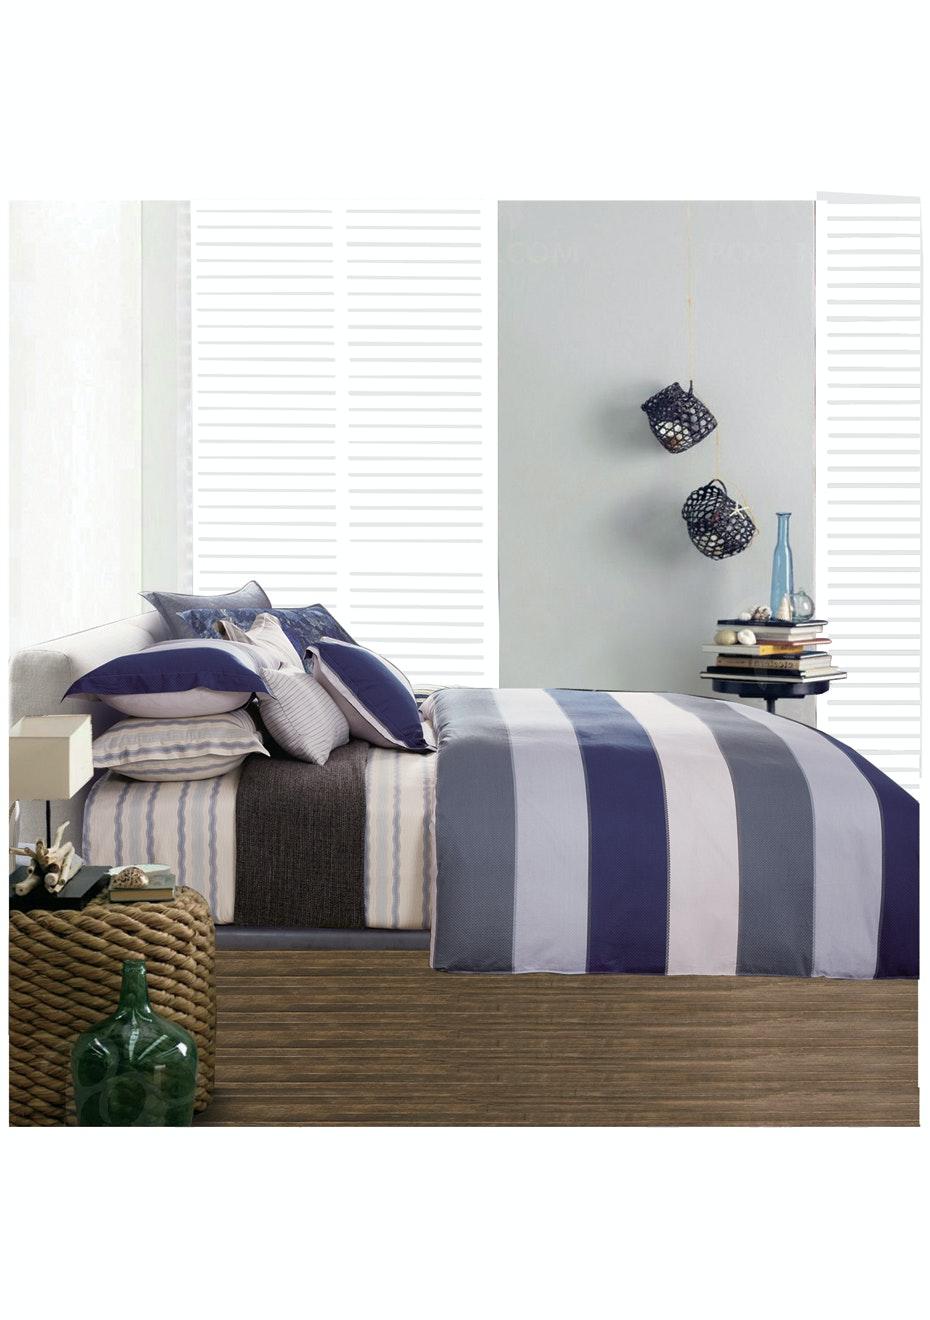 Shore Line Quilt Cover Set - Reversible Design - 100% Cotton Queen Bed